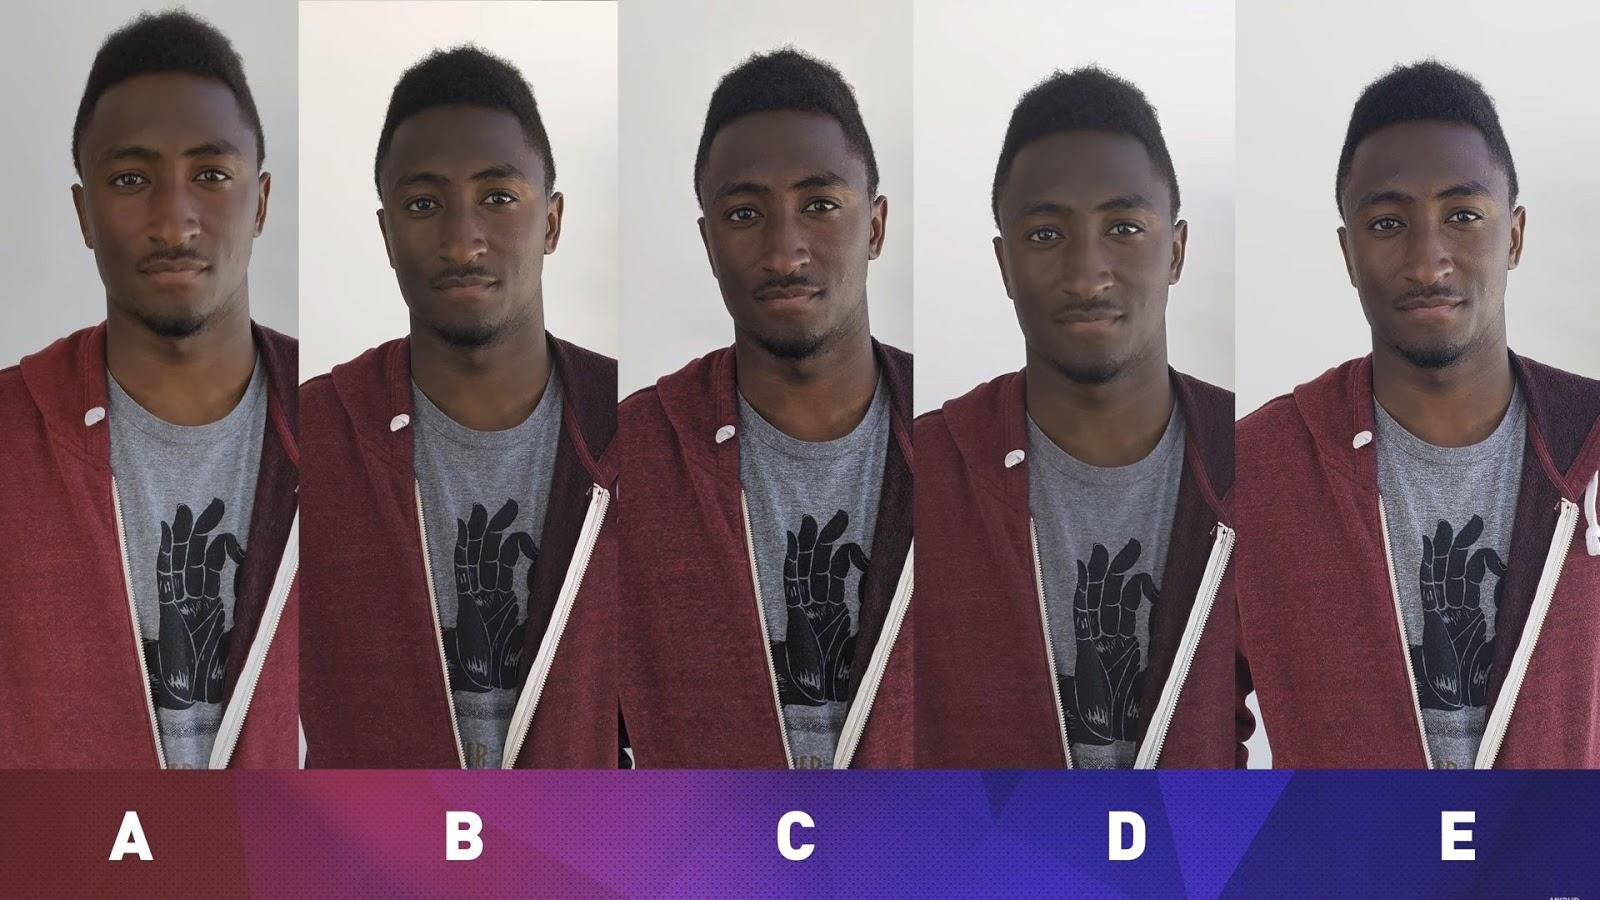 Сравнение камер iPhone X, Huawei P20 Pro, OnePlus 6, Google Pixel 2 XL и Samsung Galaxy S9+ при съемке портрета